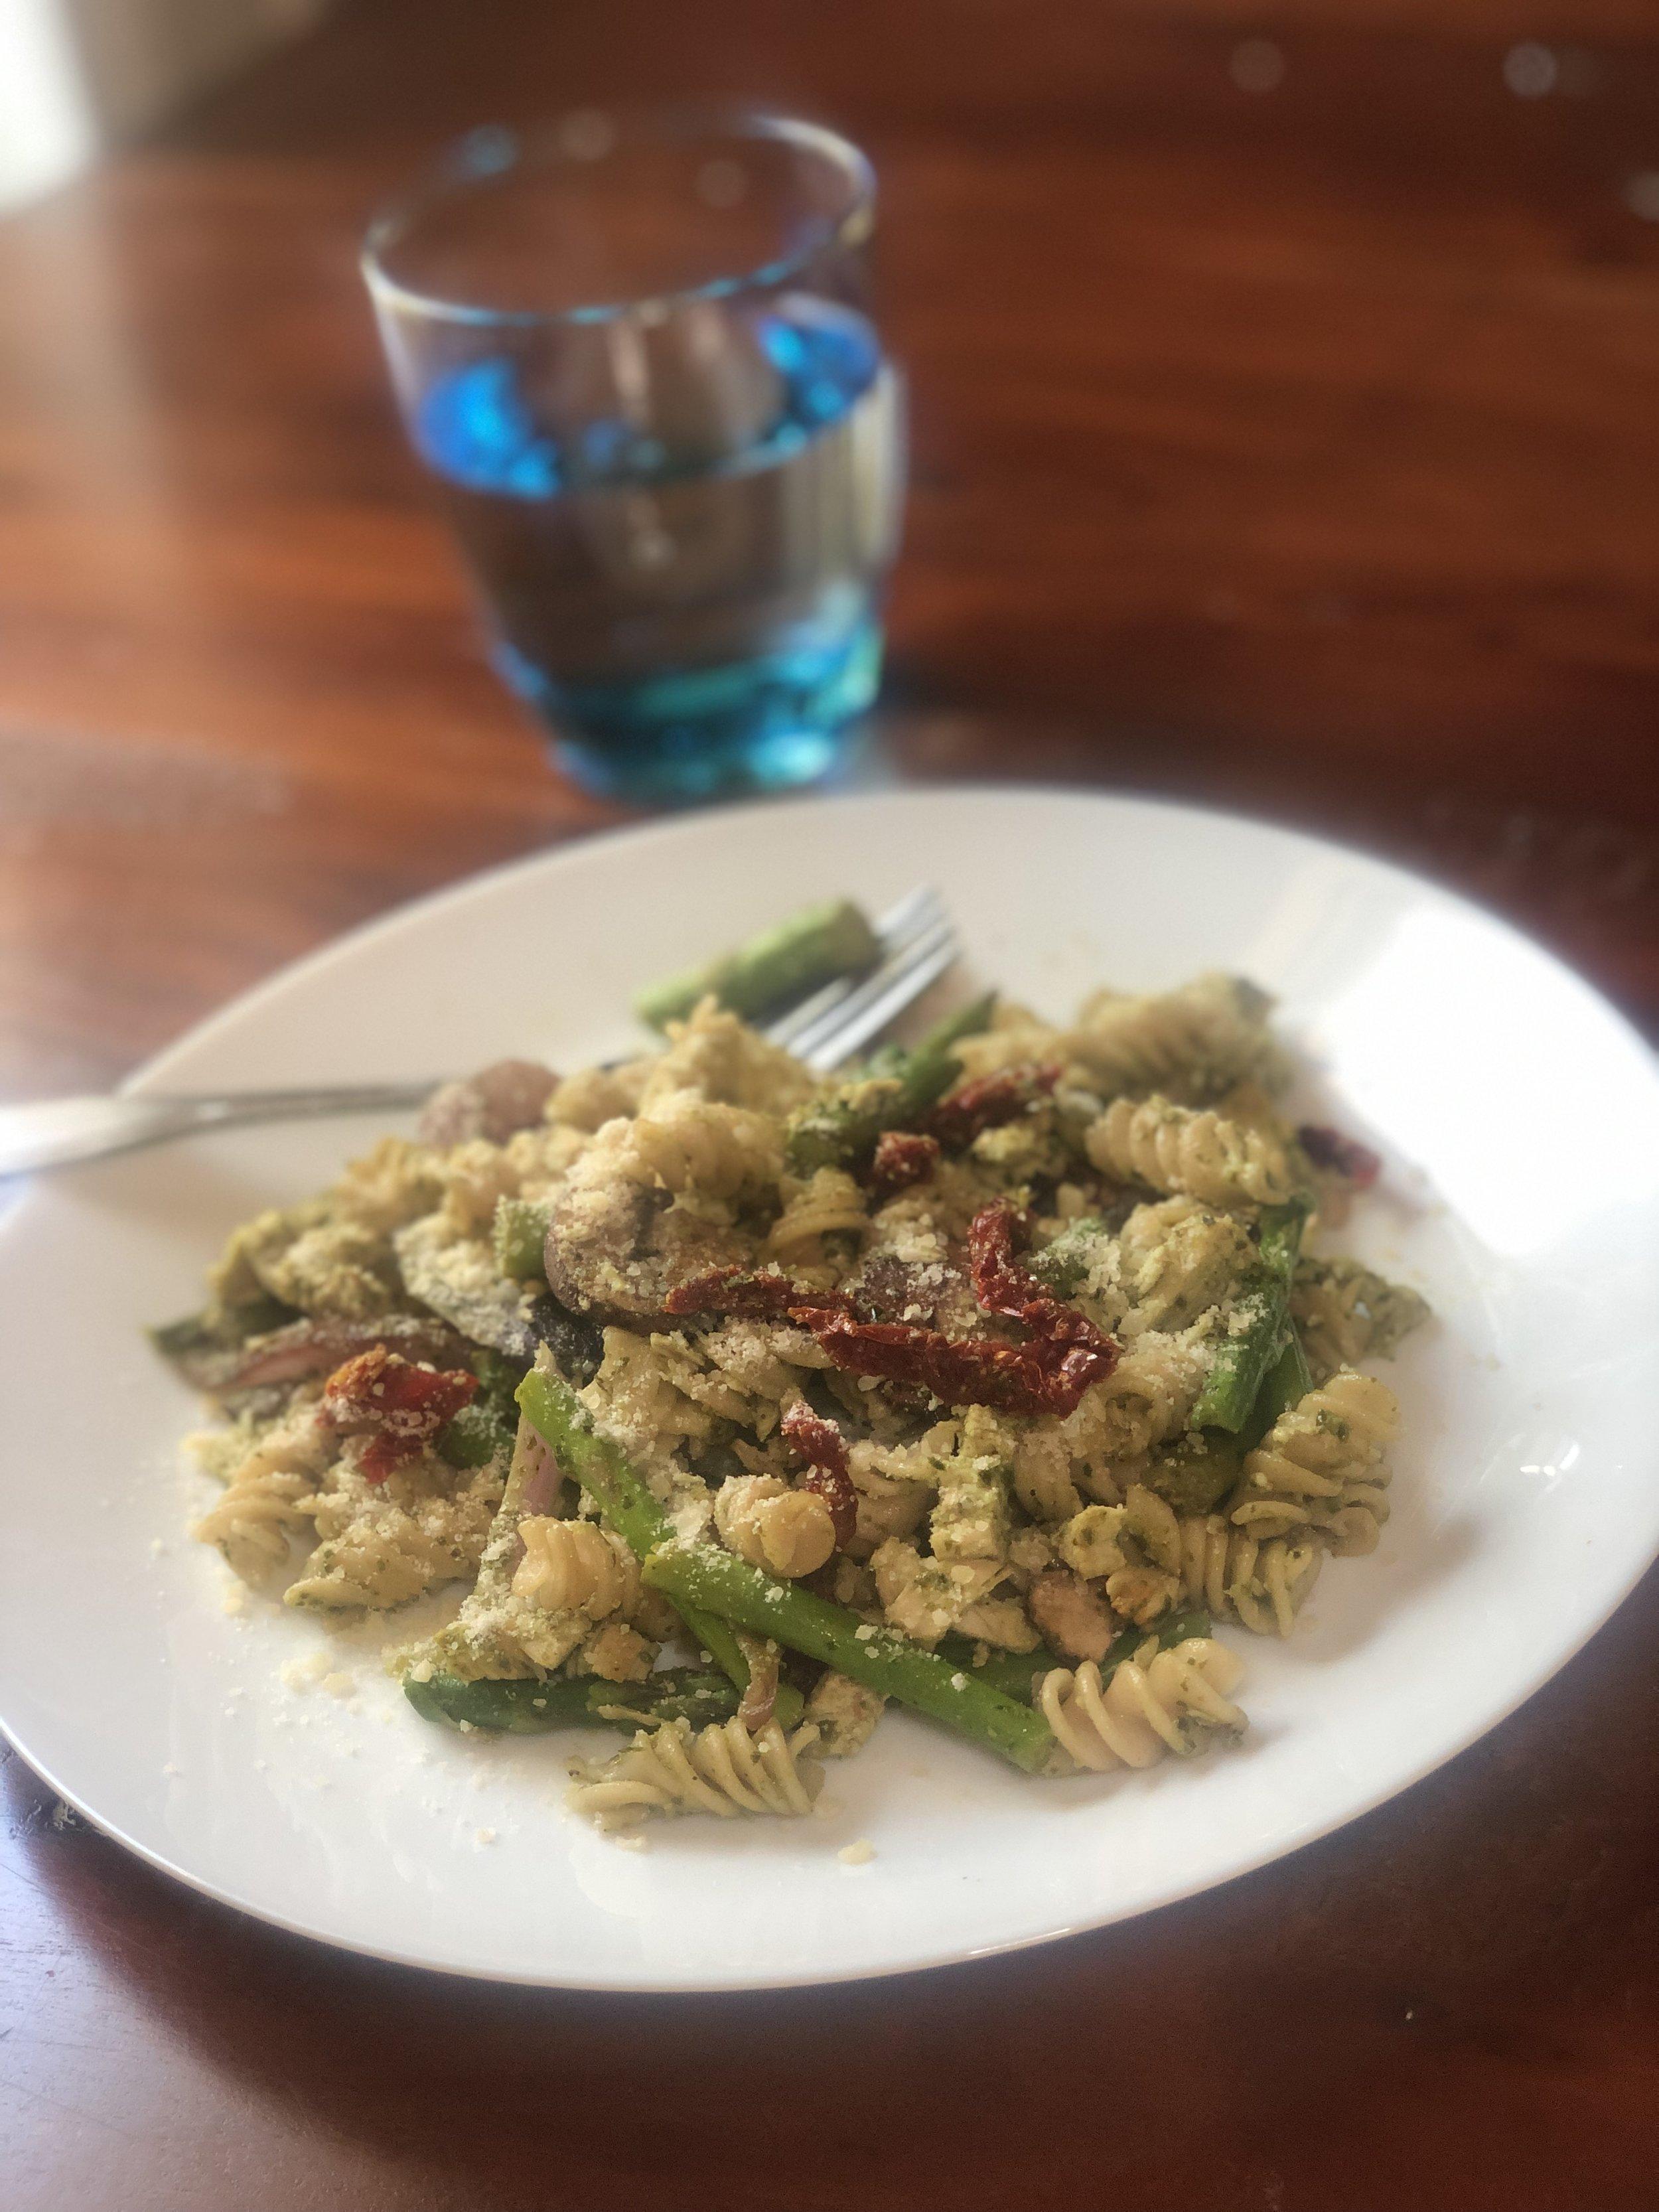 Healthy Eating at Trader Joe's | Pesto Pasta Recipe